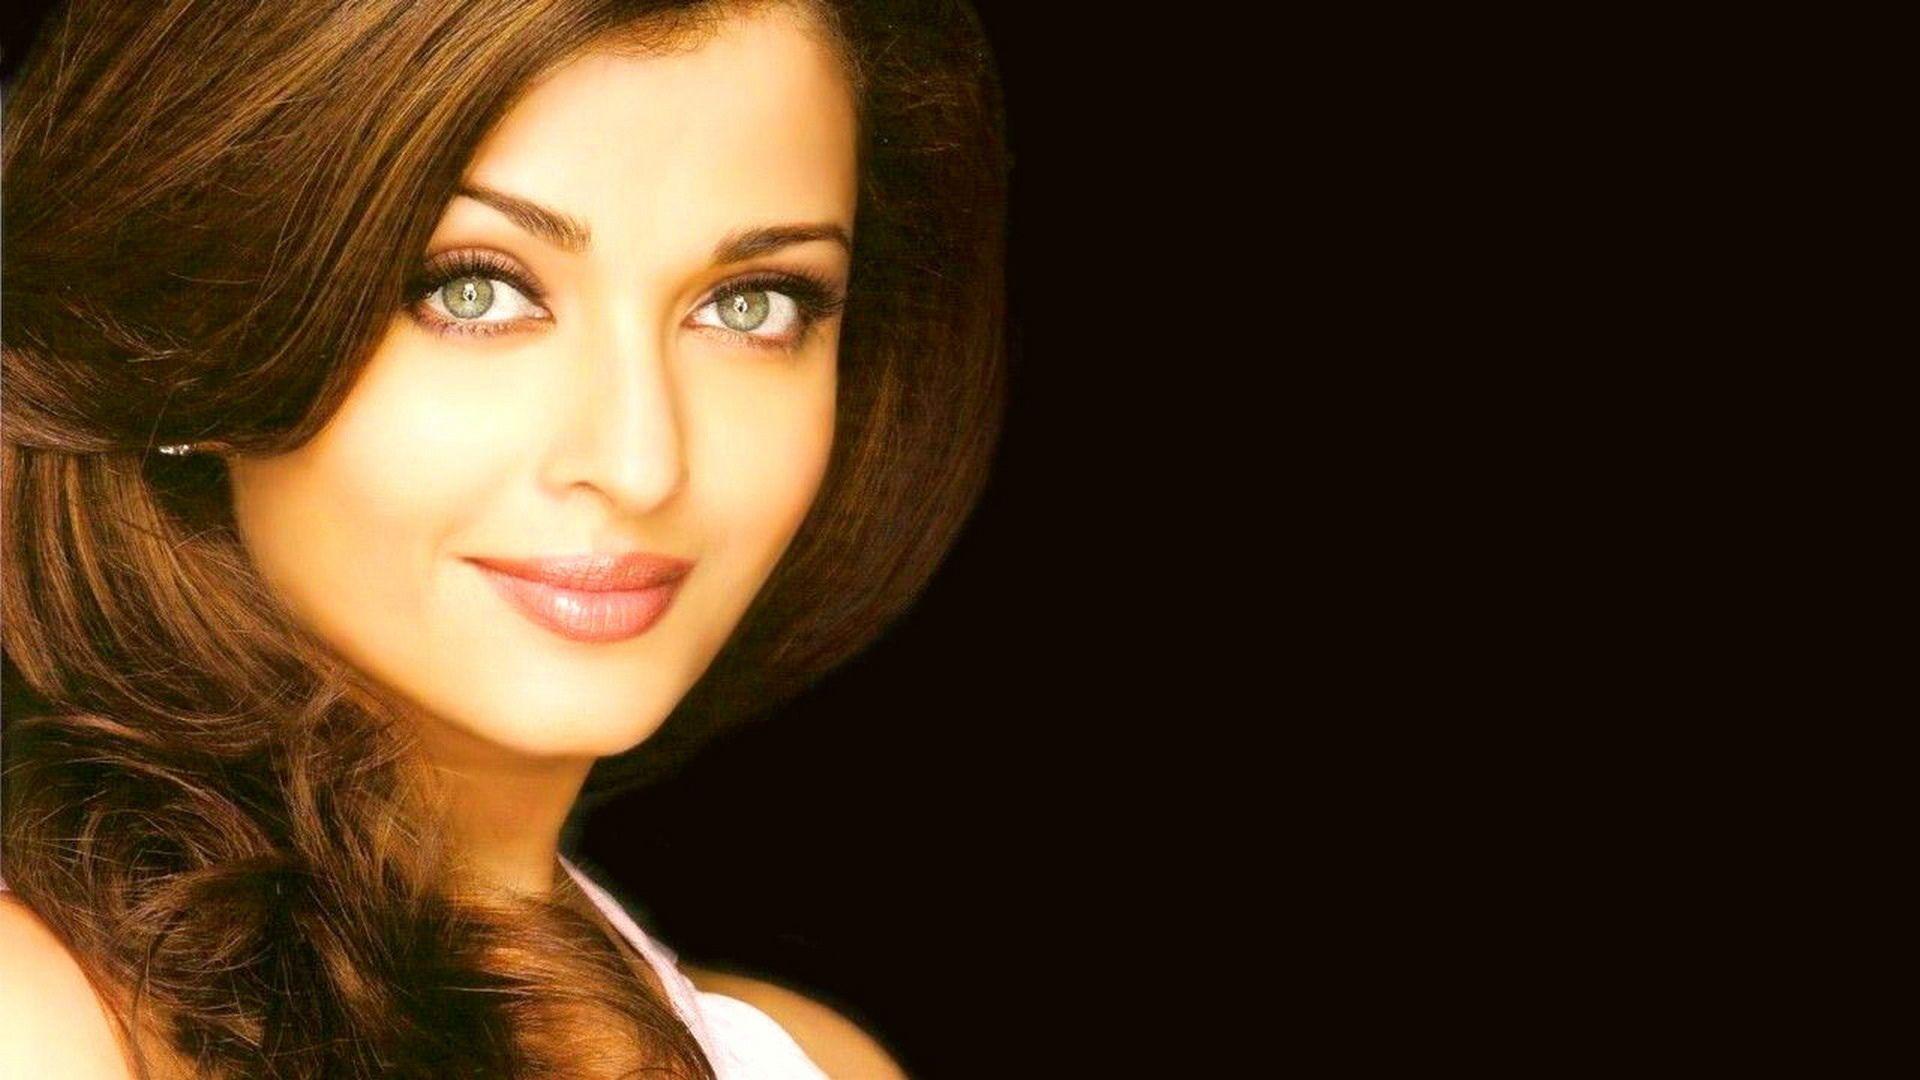 Indian Actress Aishwarya Rai Photo 1